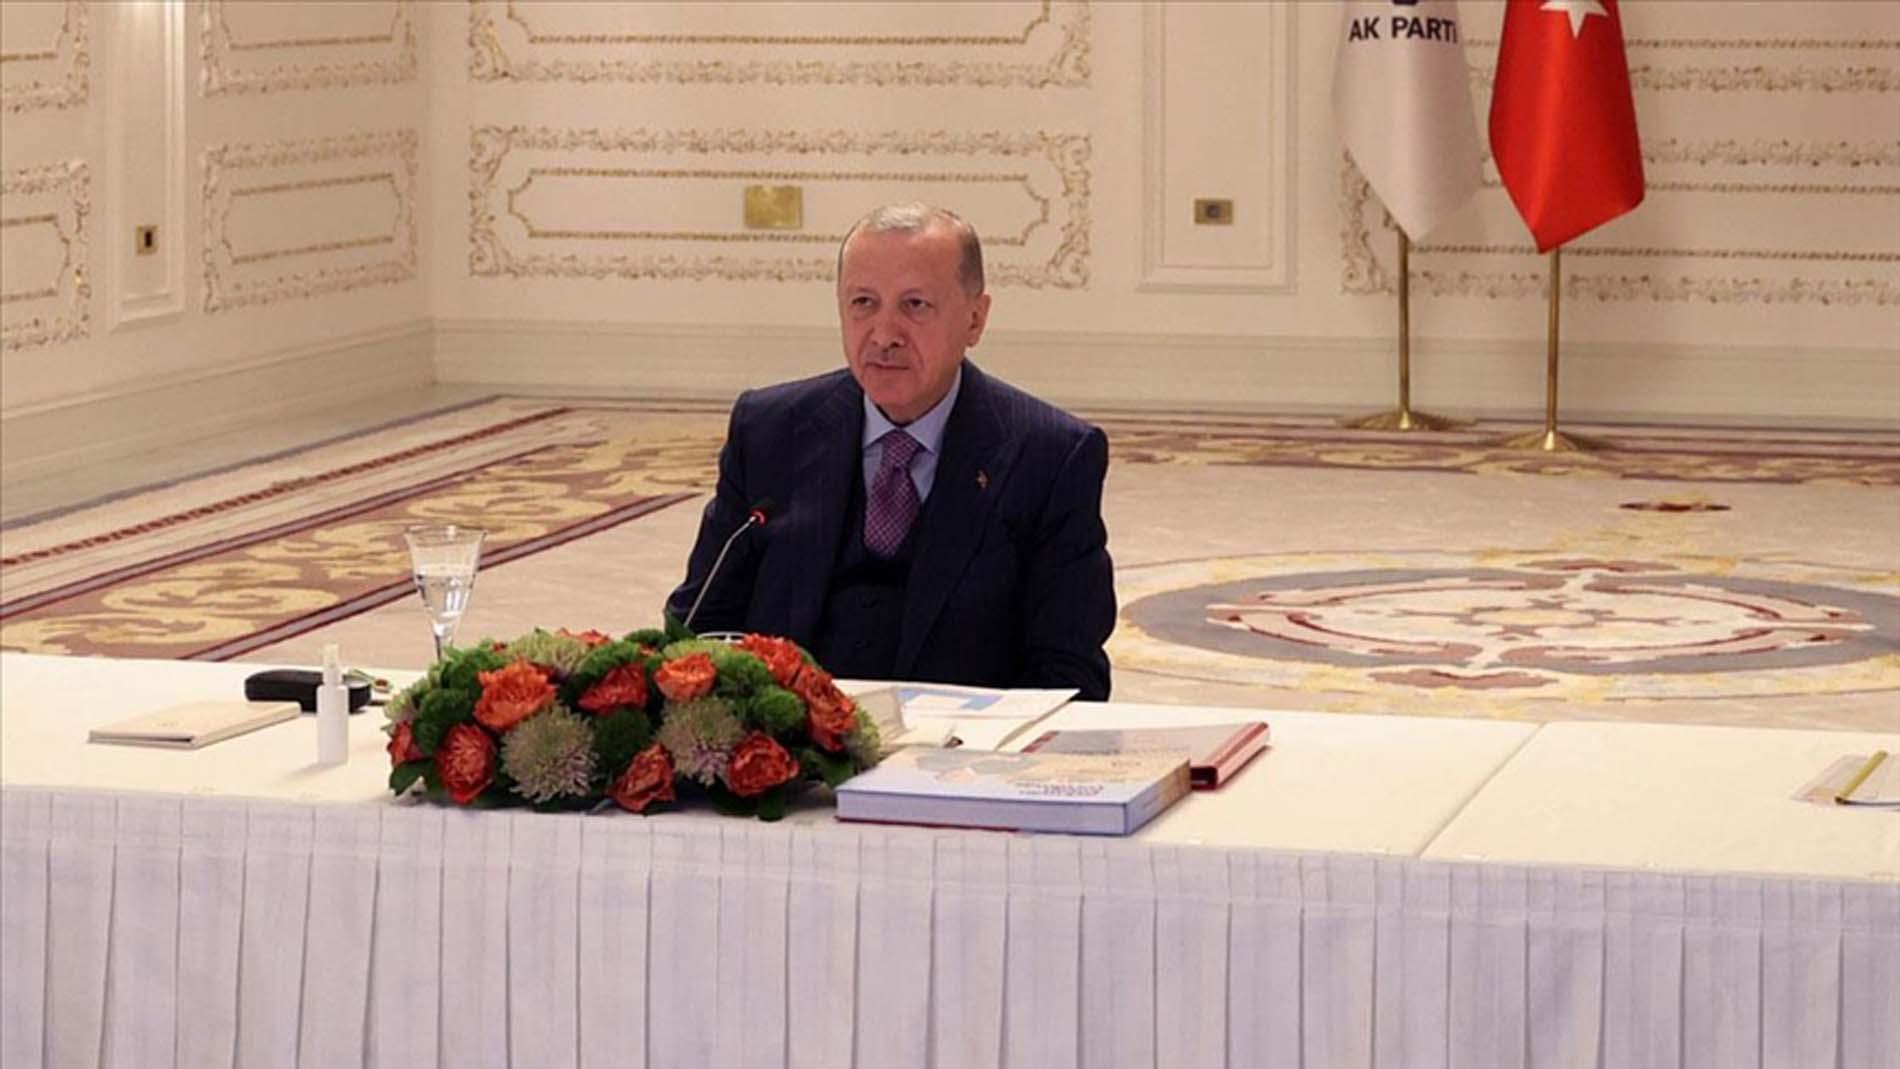 Cumhurbaşkanı Erdoğan, Adalar'daki atların kaybolmasına sistem etti: Ortalığı toza dumana katanların susması iki yüzlülük